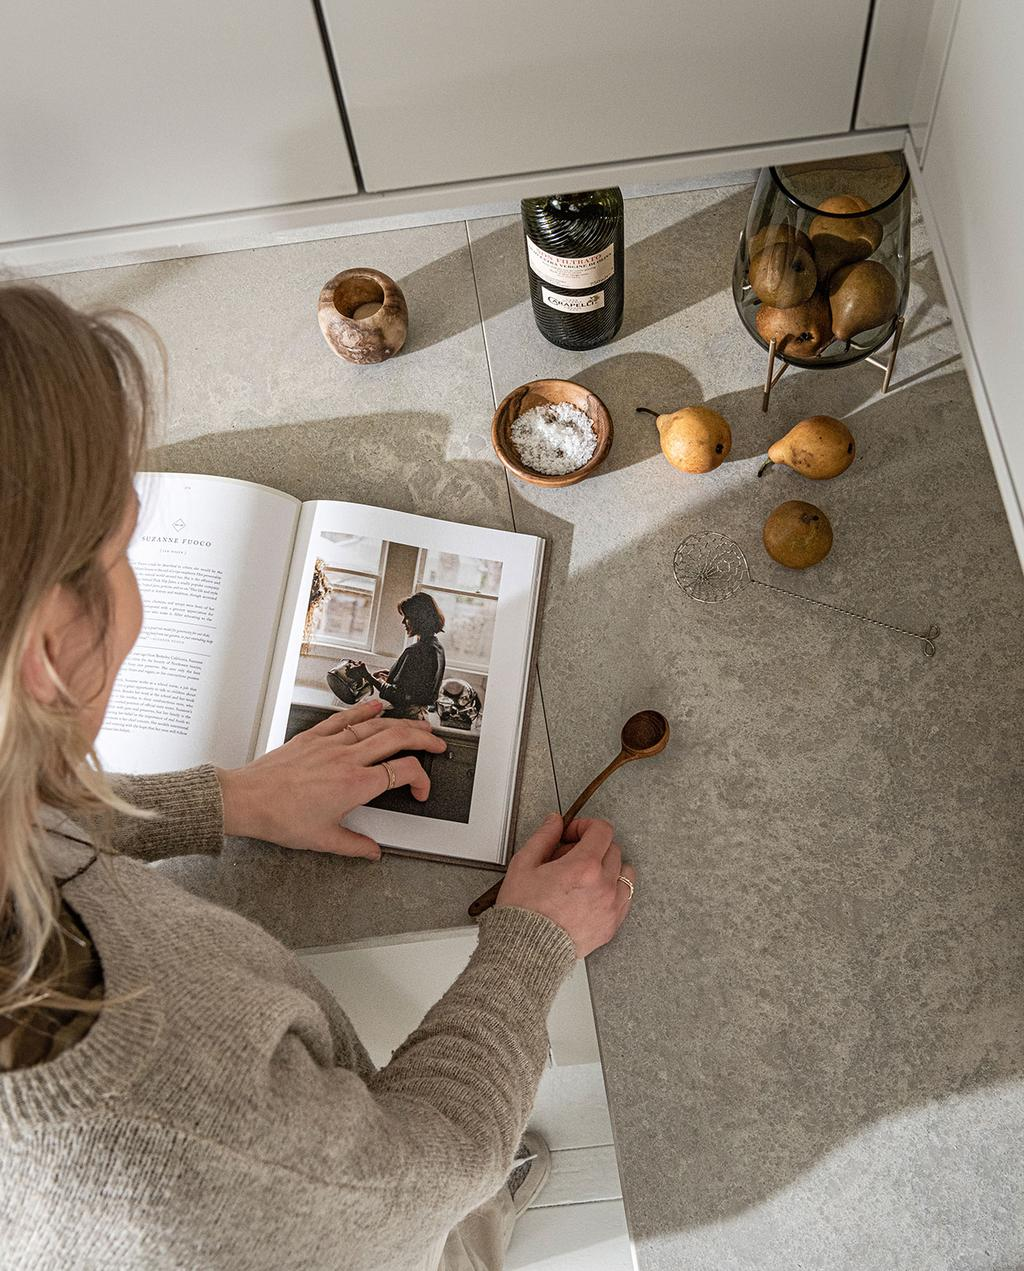 vtwonen 03-2021   kookboek op aanrecht